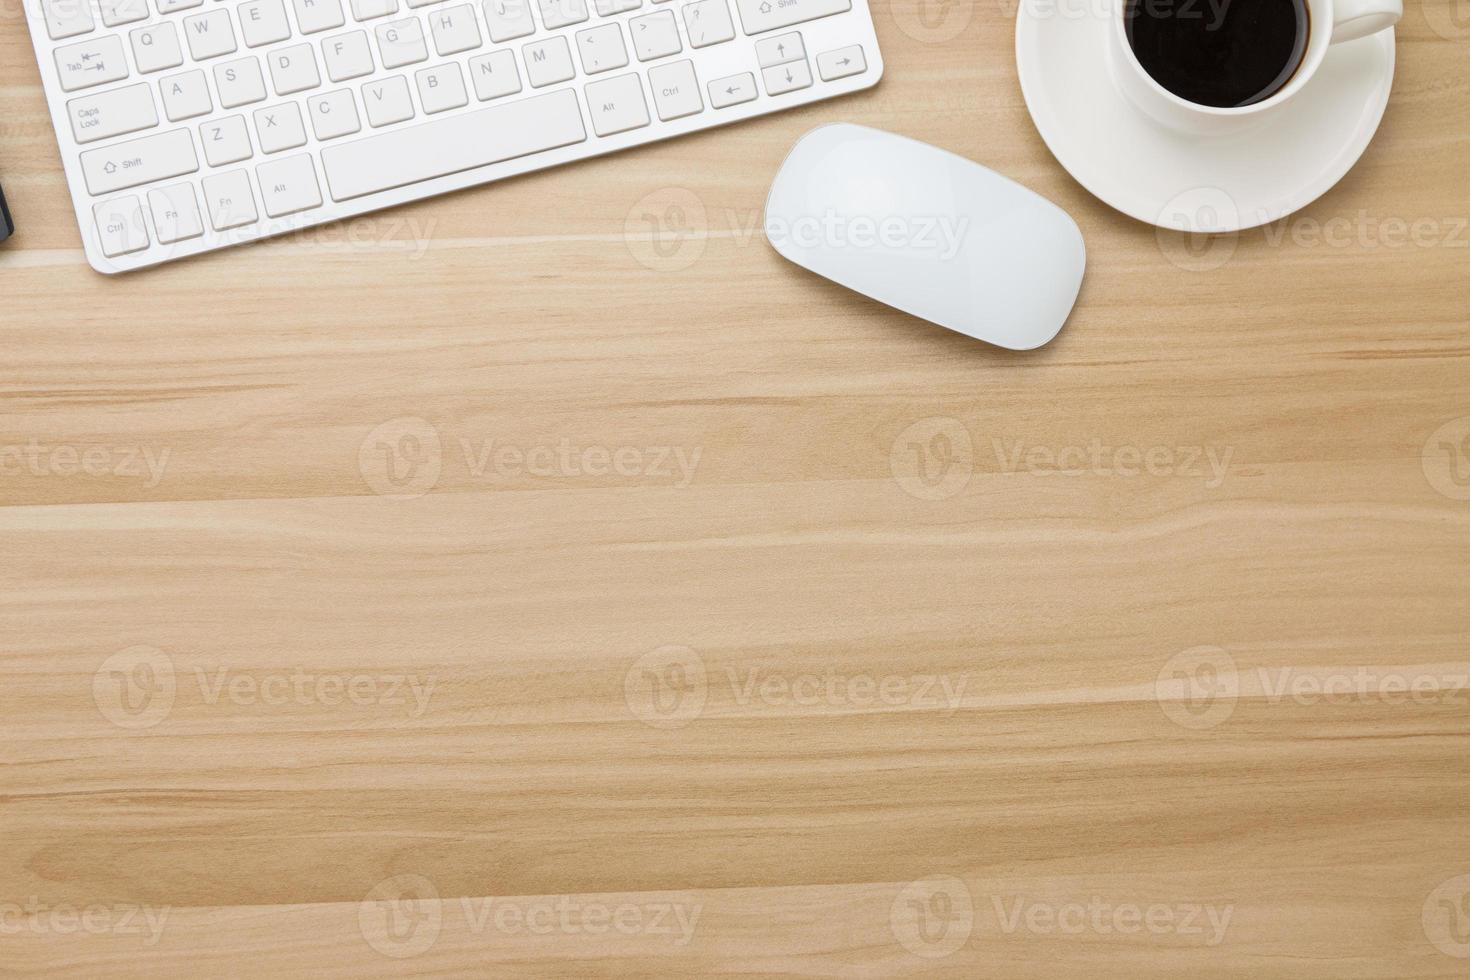 Büromaterial auf dem Holzschreibtisch foto